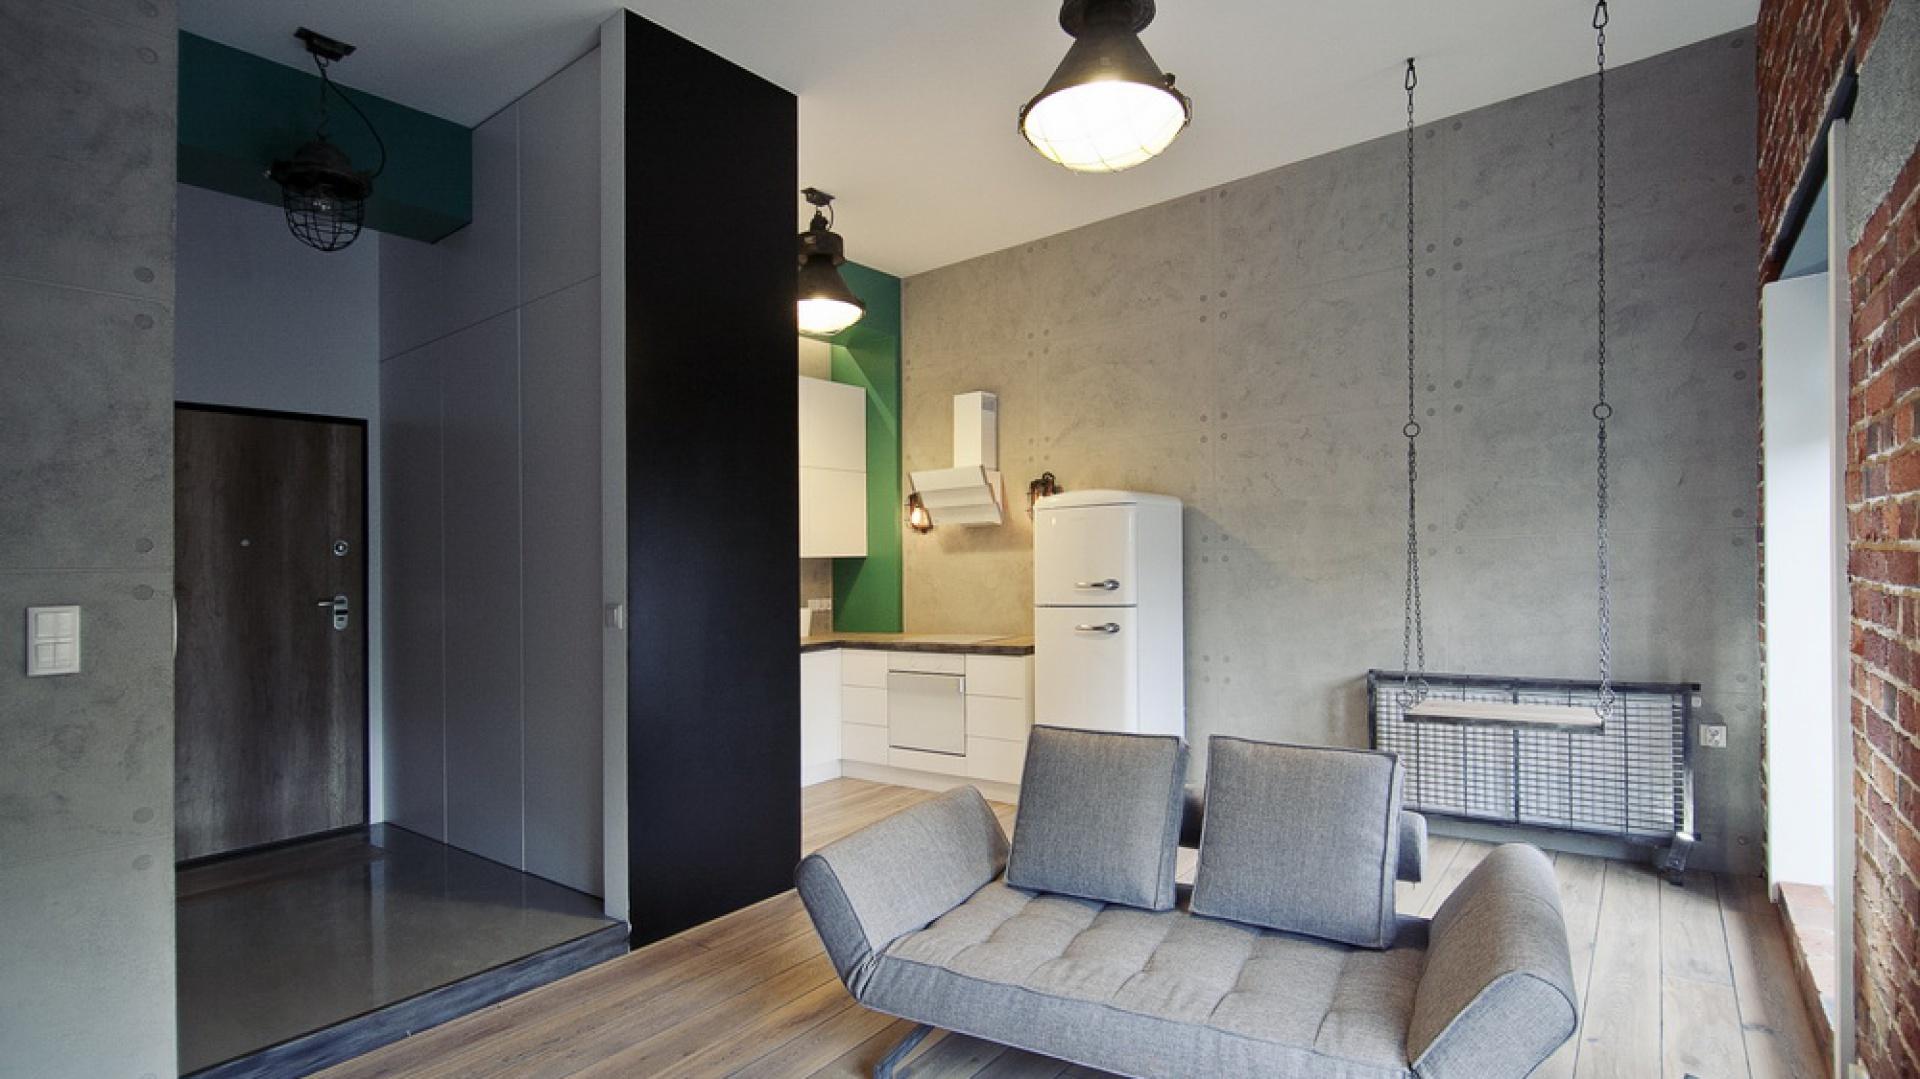 Ścianę spajającą przestrzeń kuchni z salonem wykończono dekoracyjnym betonem. Jego chłodna szarości kontrastuje z czerwoną cegłą na prostopadłej powierzchni. Fot. RED Real Estate Development.